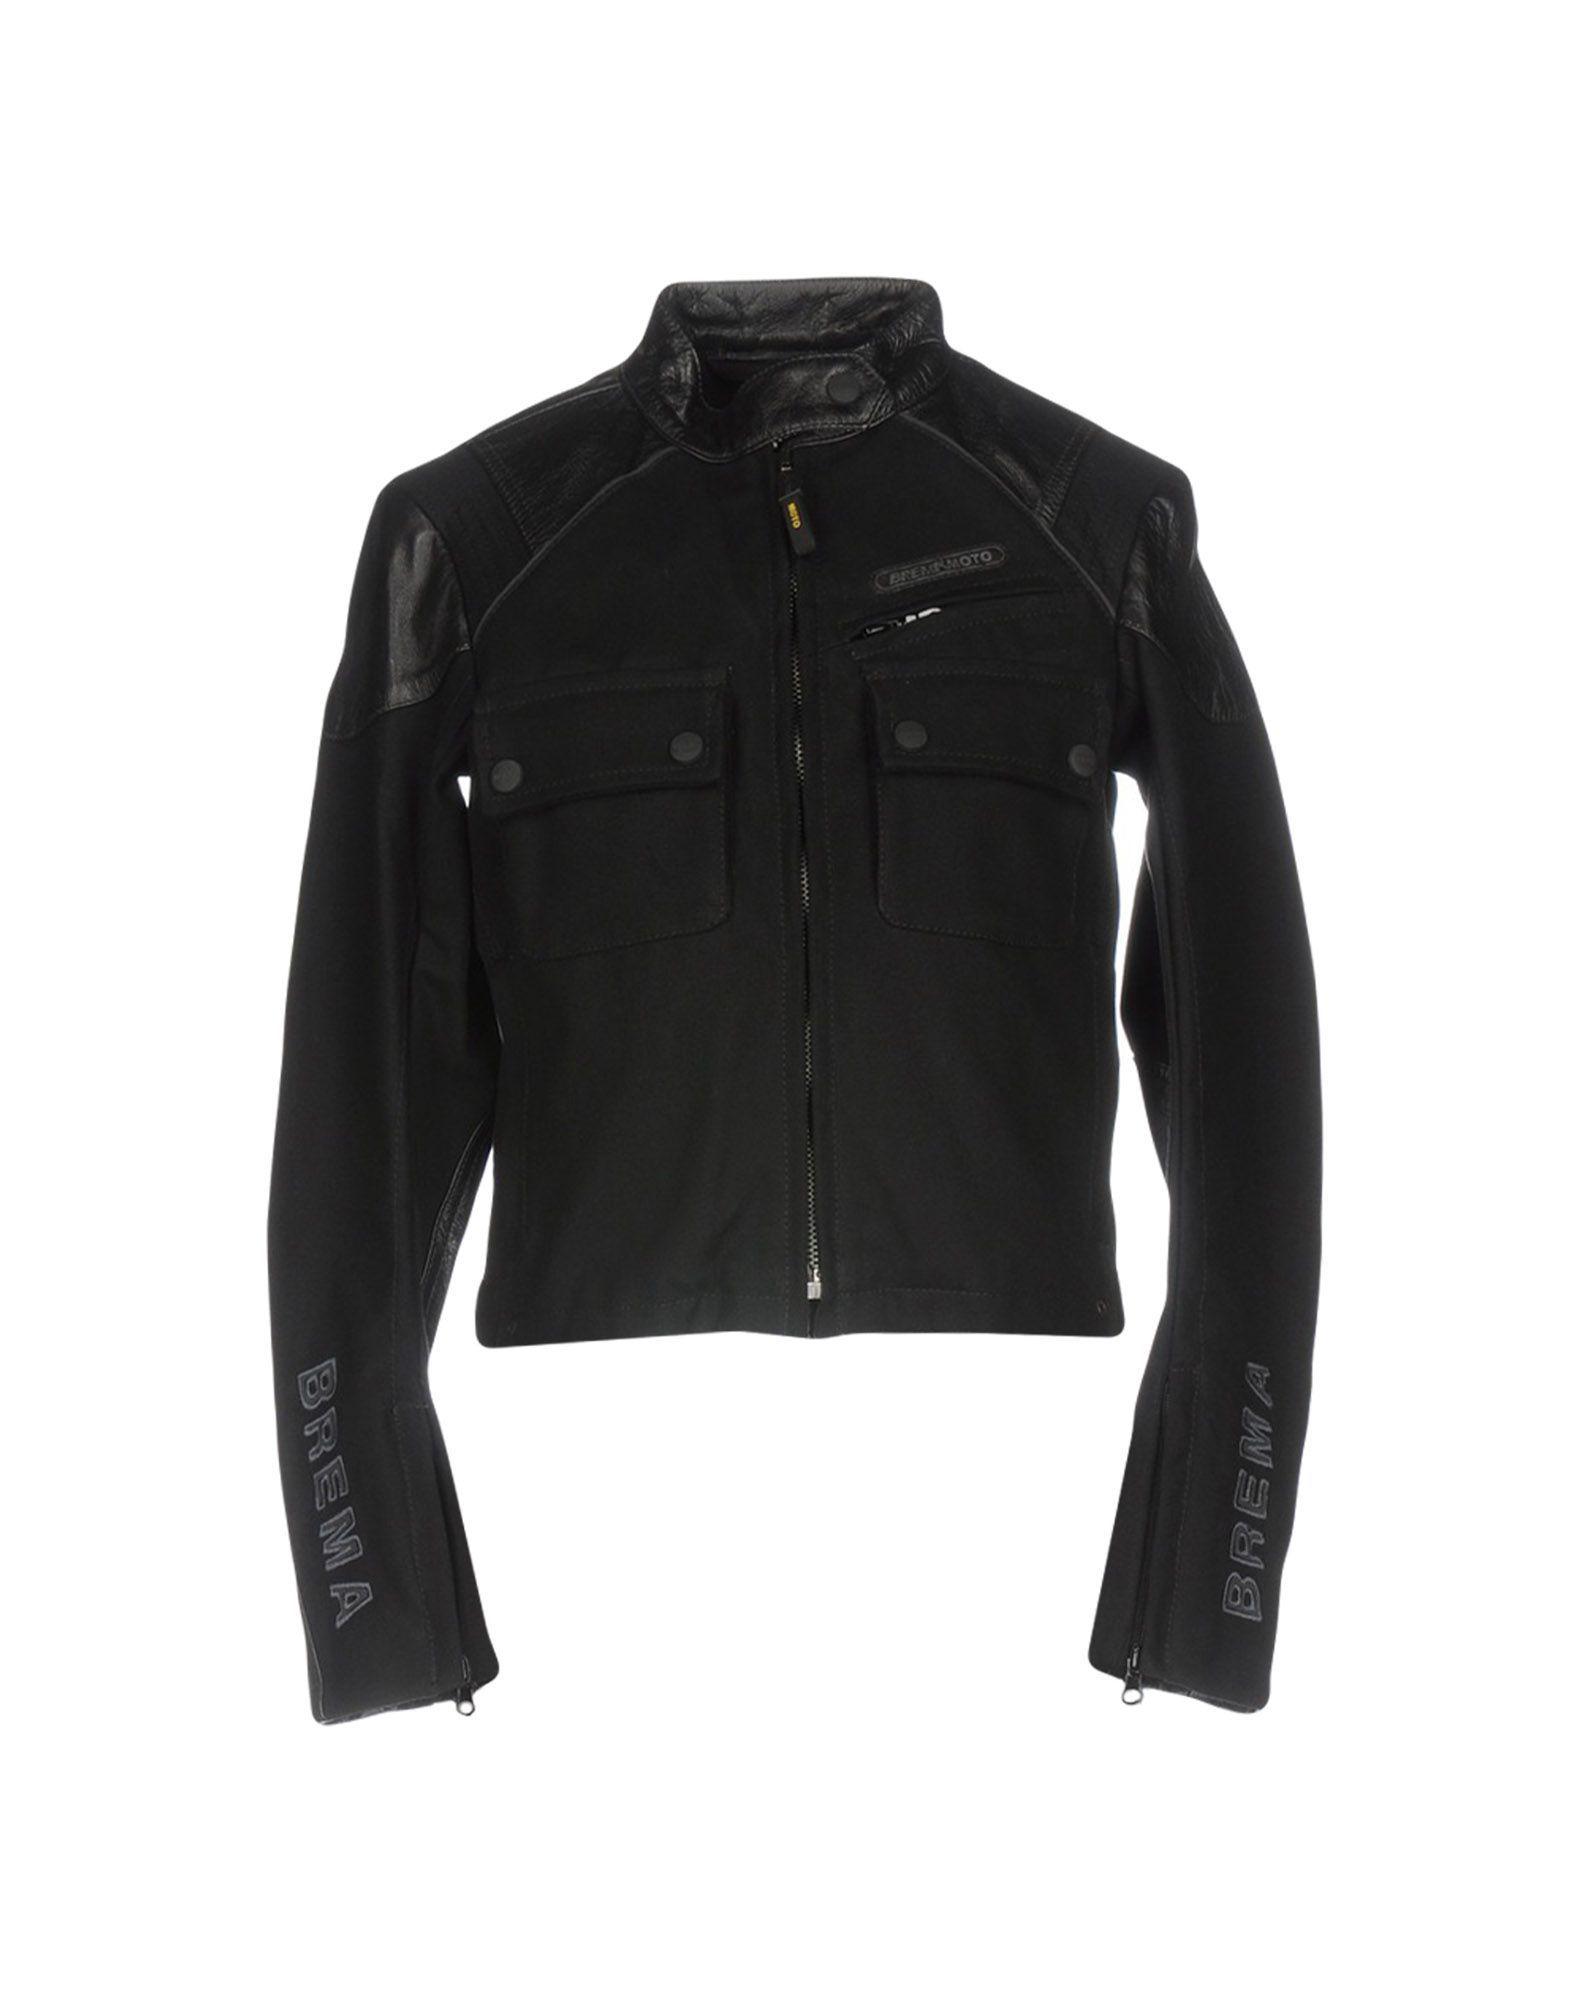 Brema Kurtka Jackets Leather Jacket Fashion